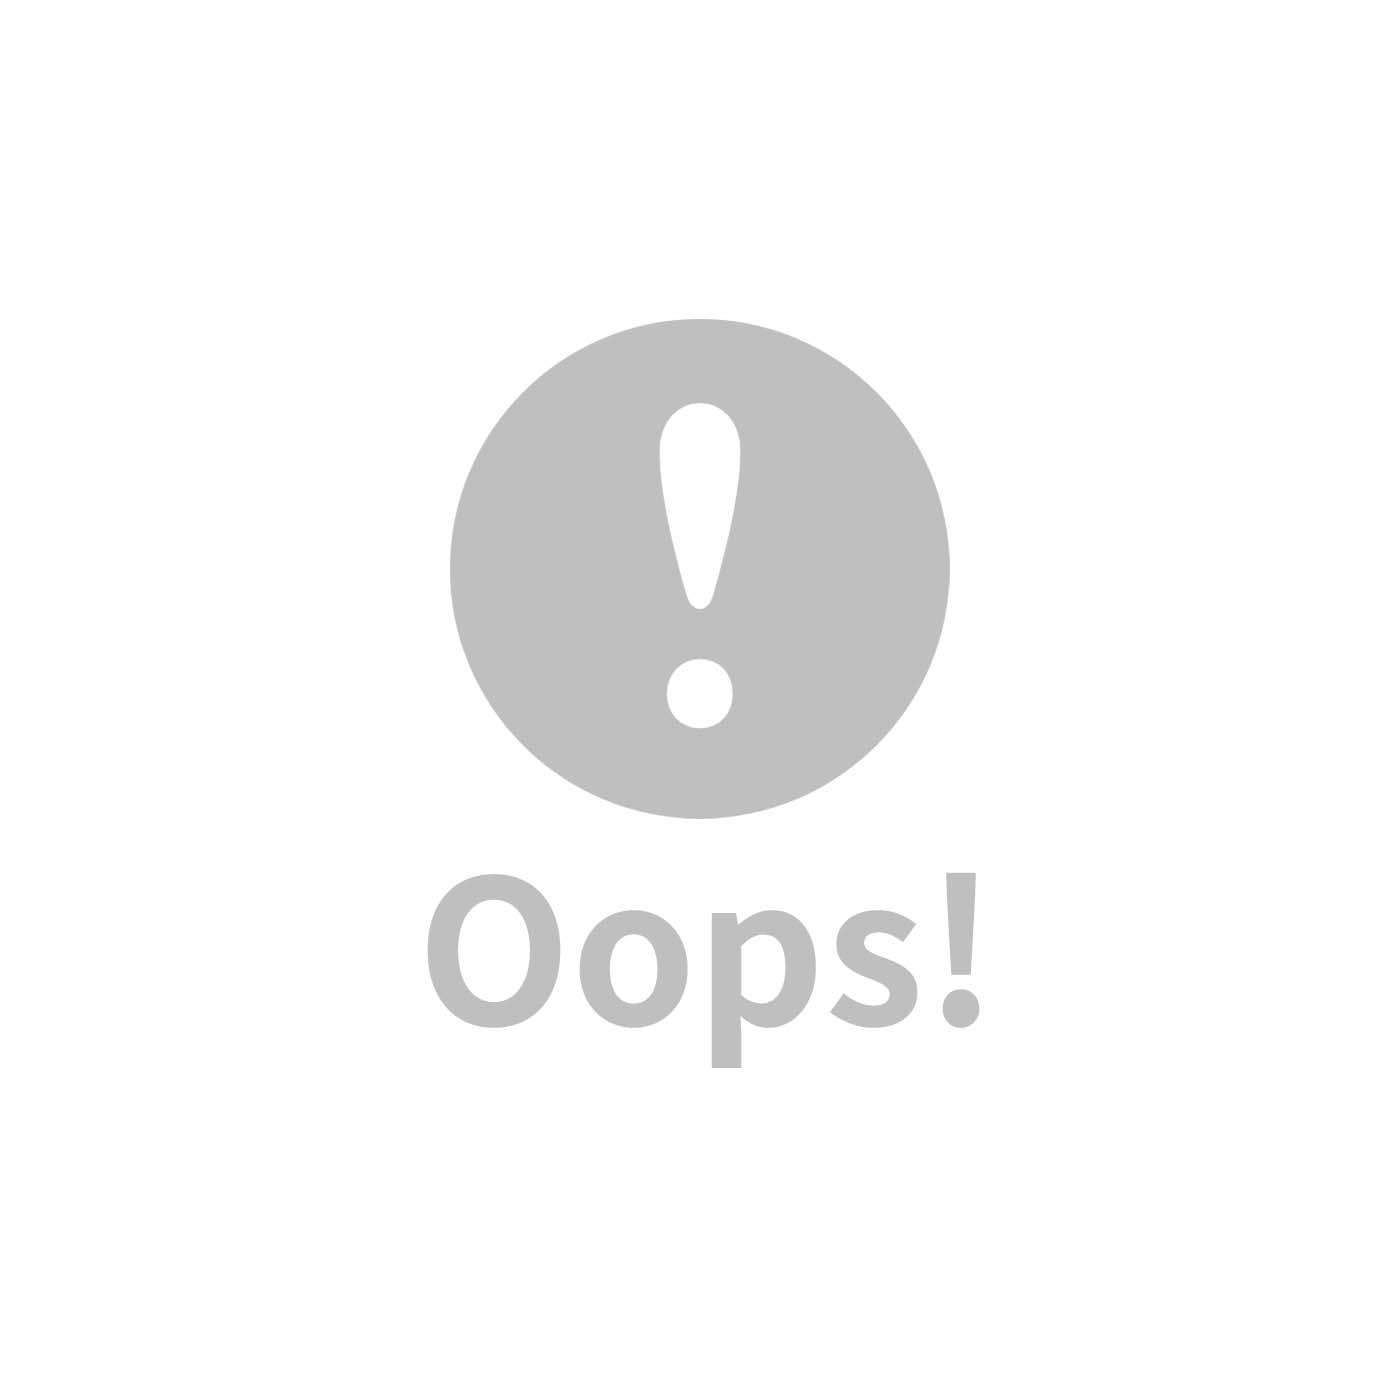 global affairs 童話手工編織安撫玩偶2(36cm)-米洛